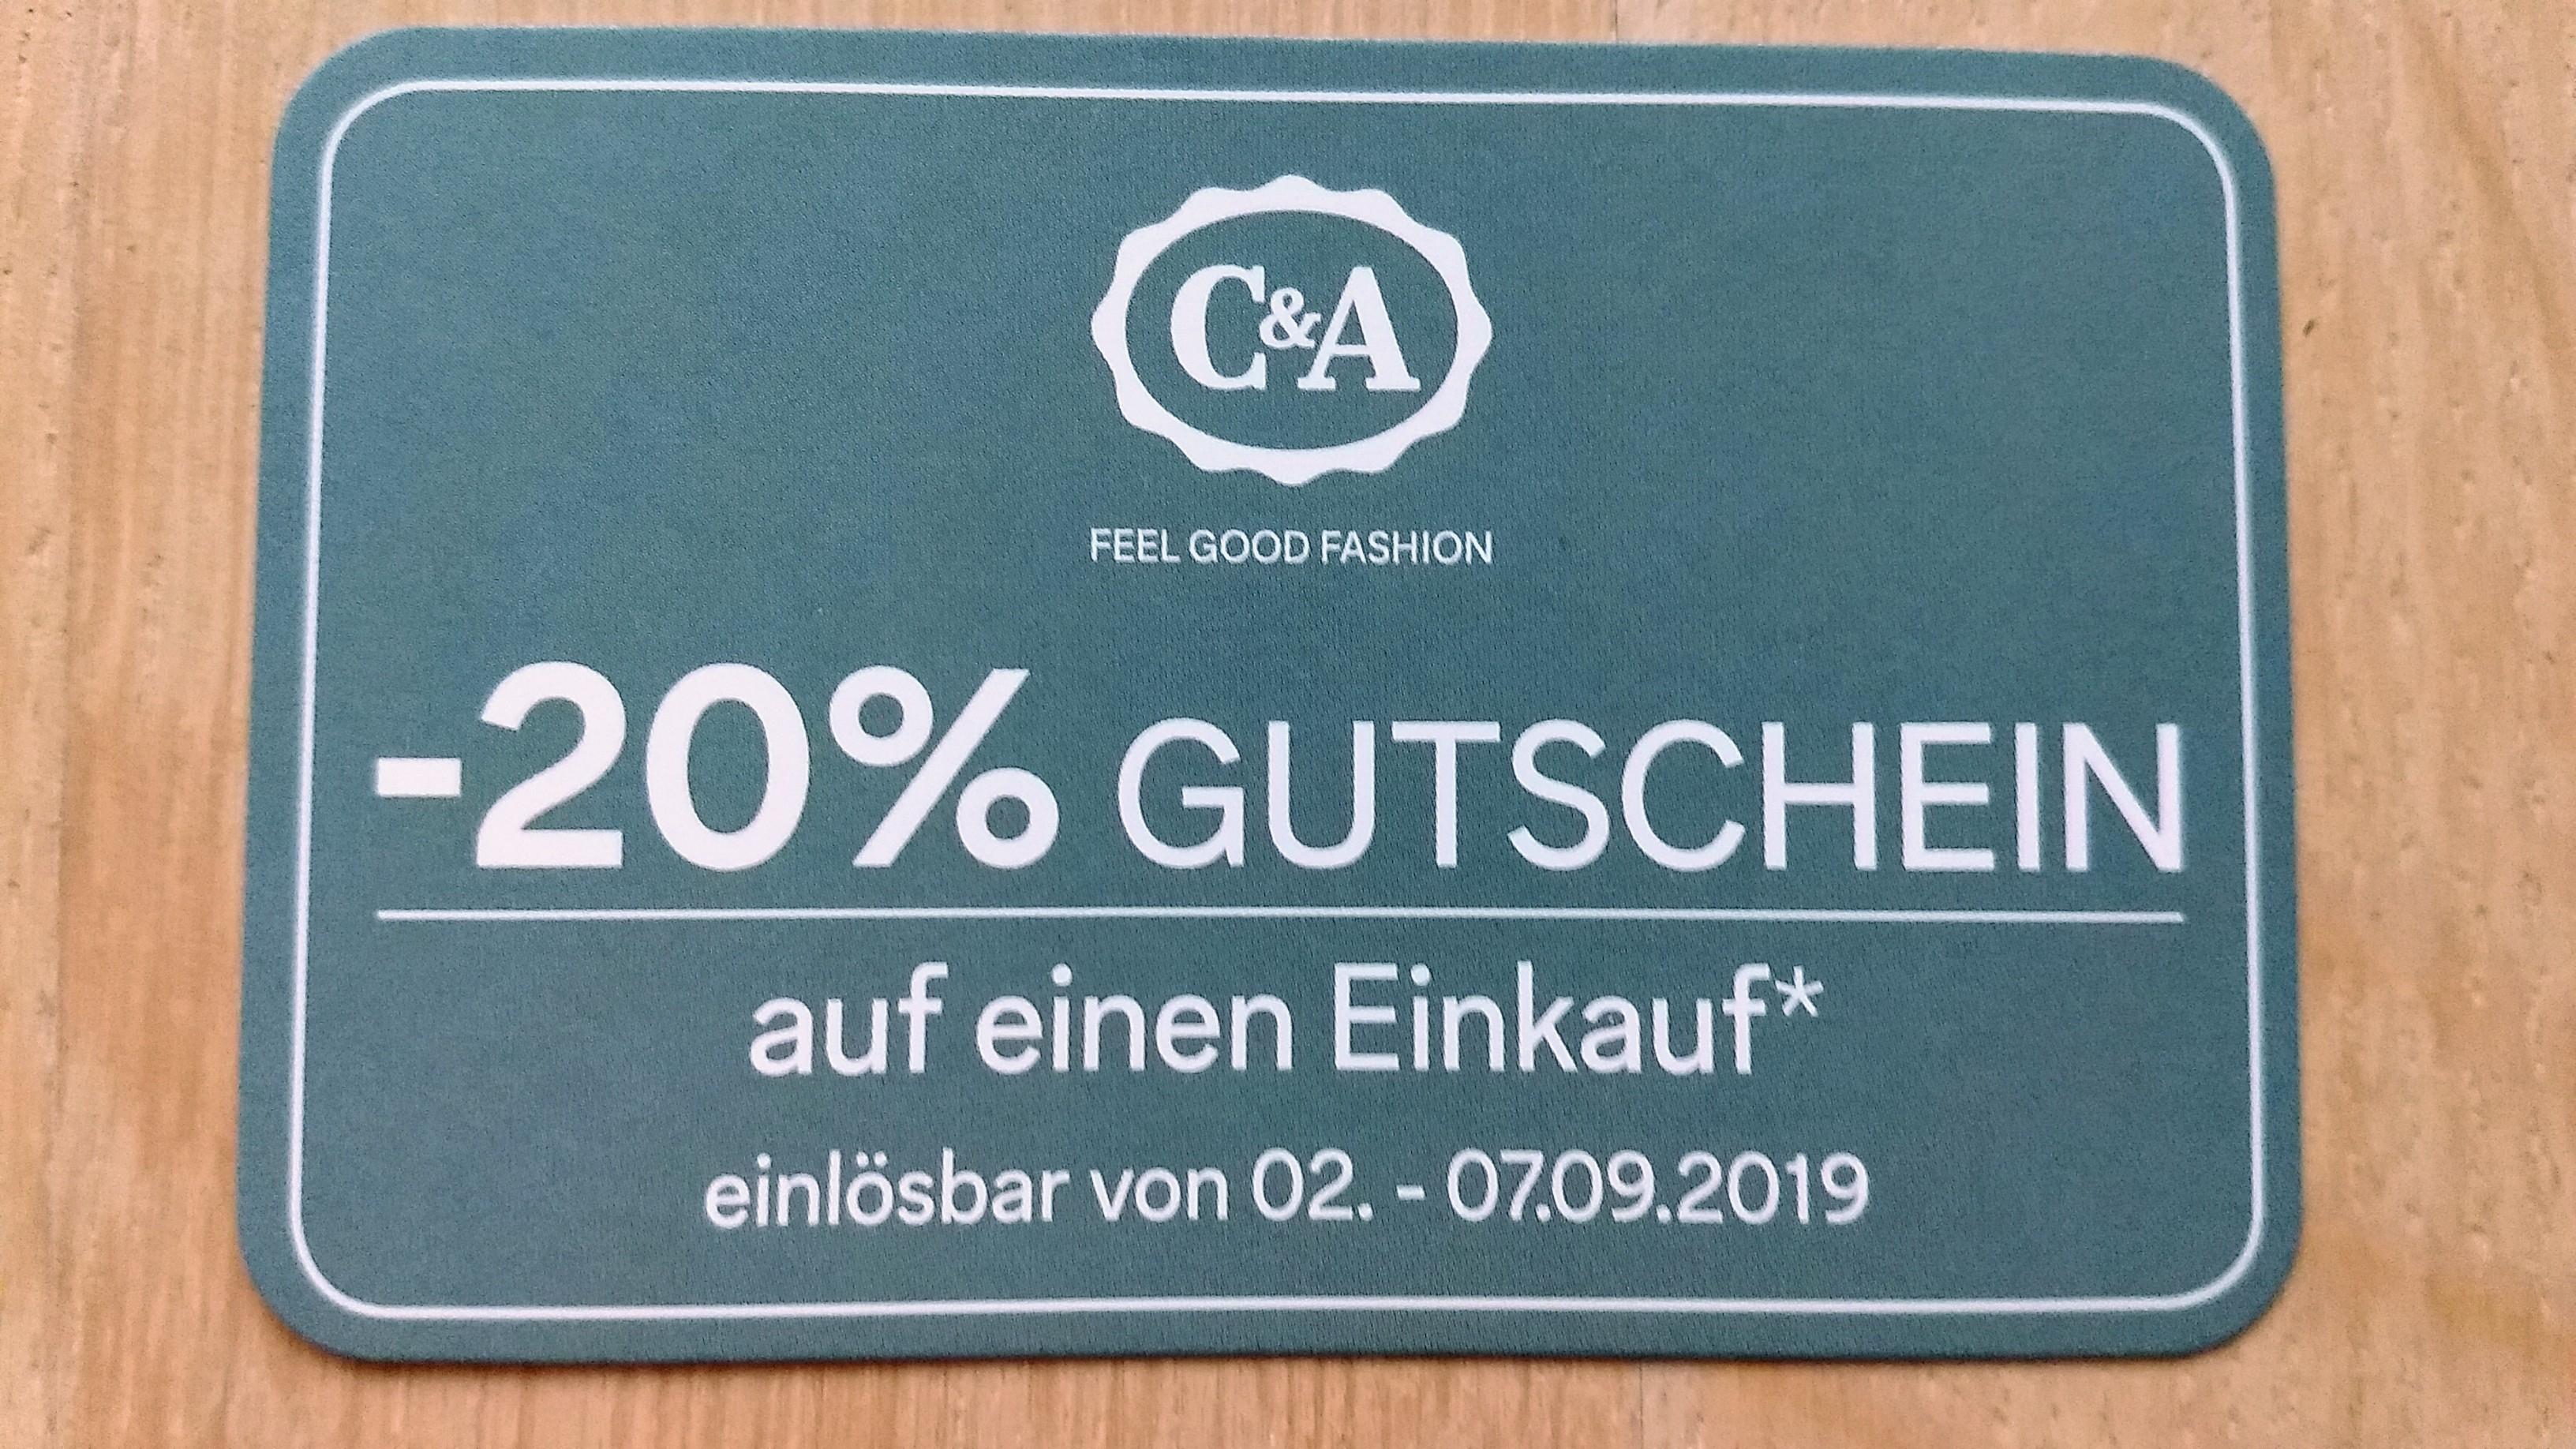 C & A: -20 % Gutschein, einlösbar vom 2. - 7. Sept. 2019